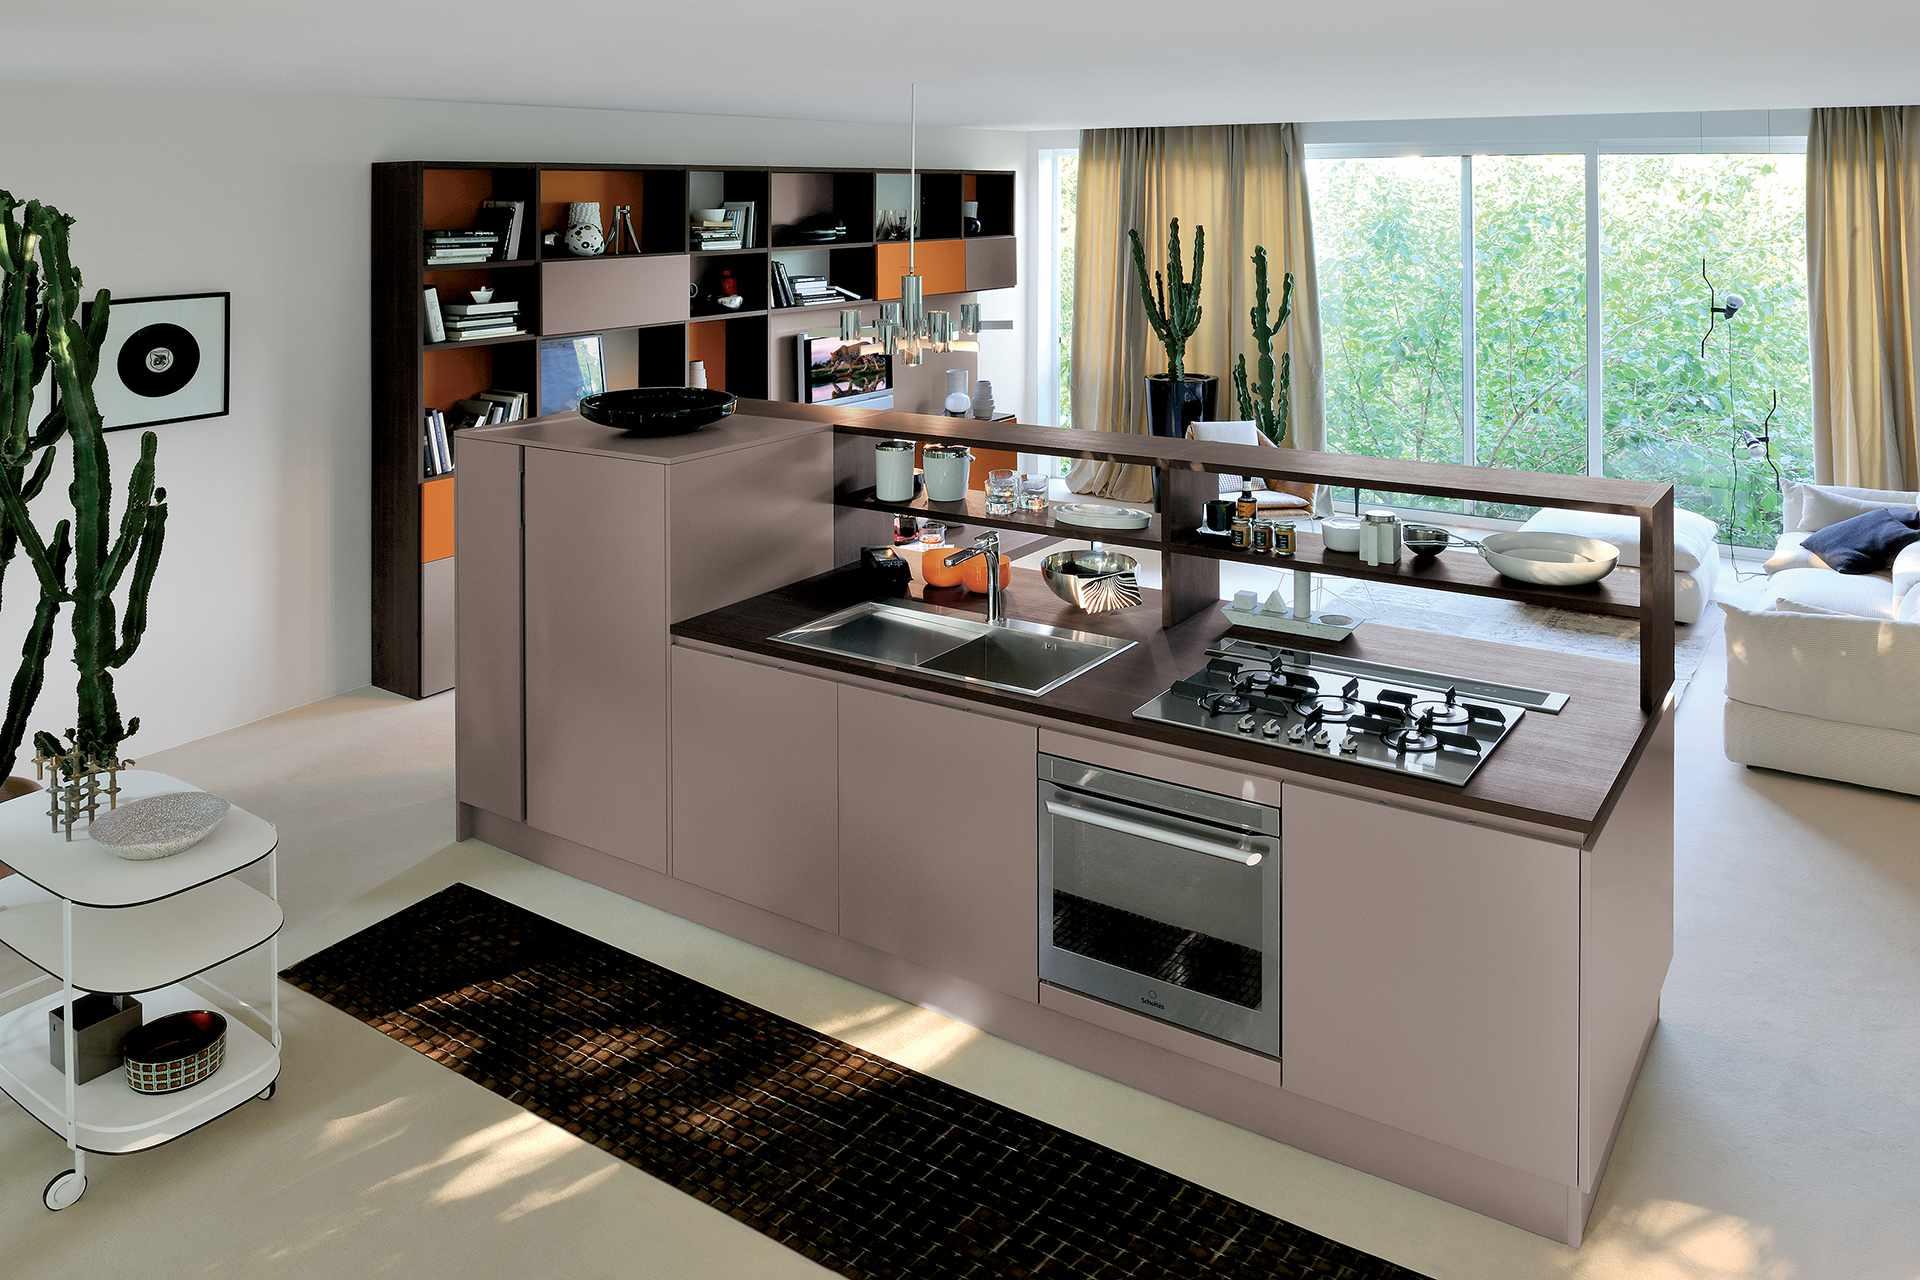 Veneta Cucine Extra.Go, la cucina oltre la contemporaneità - Orsolini